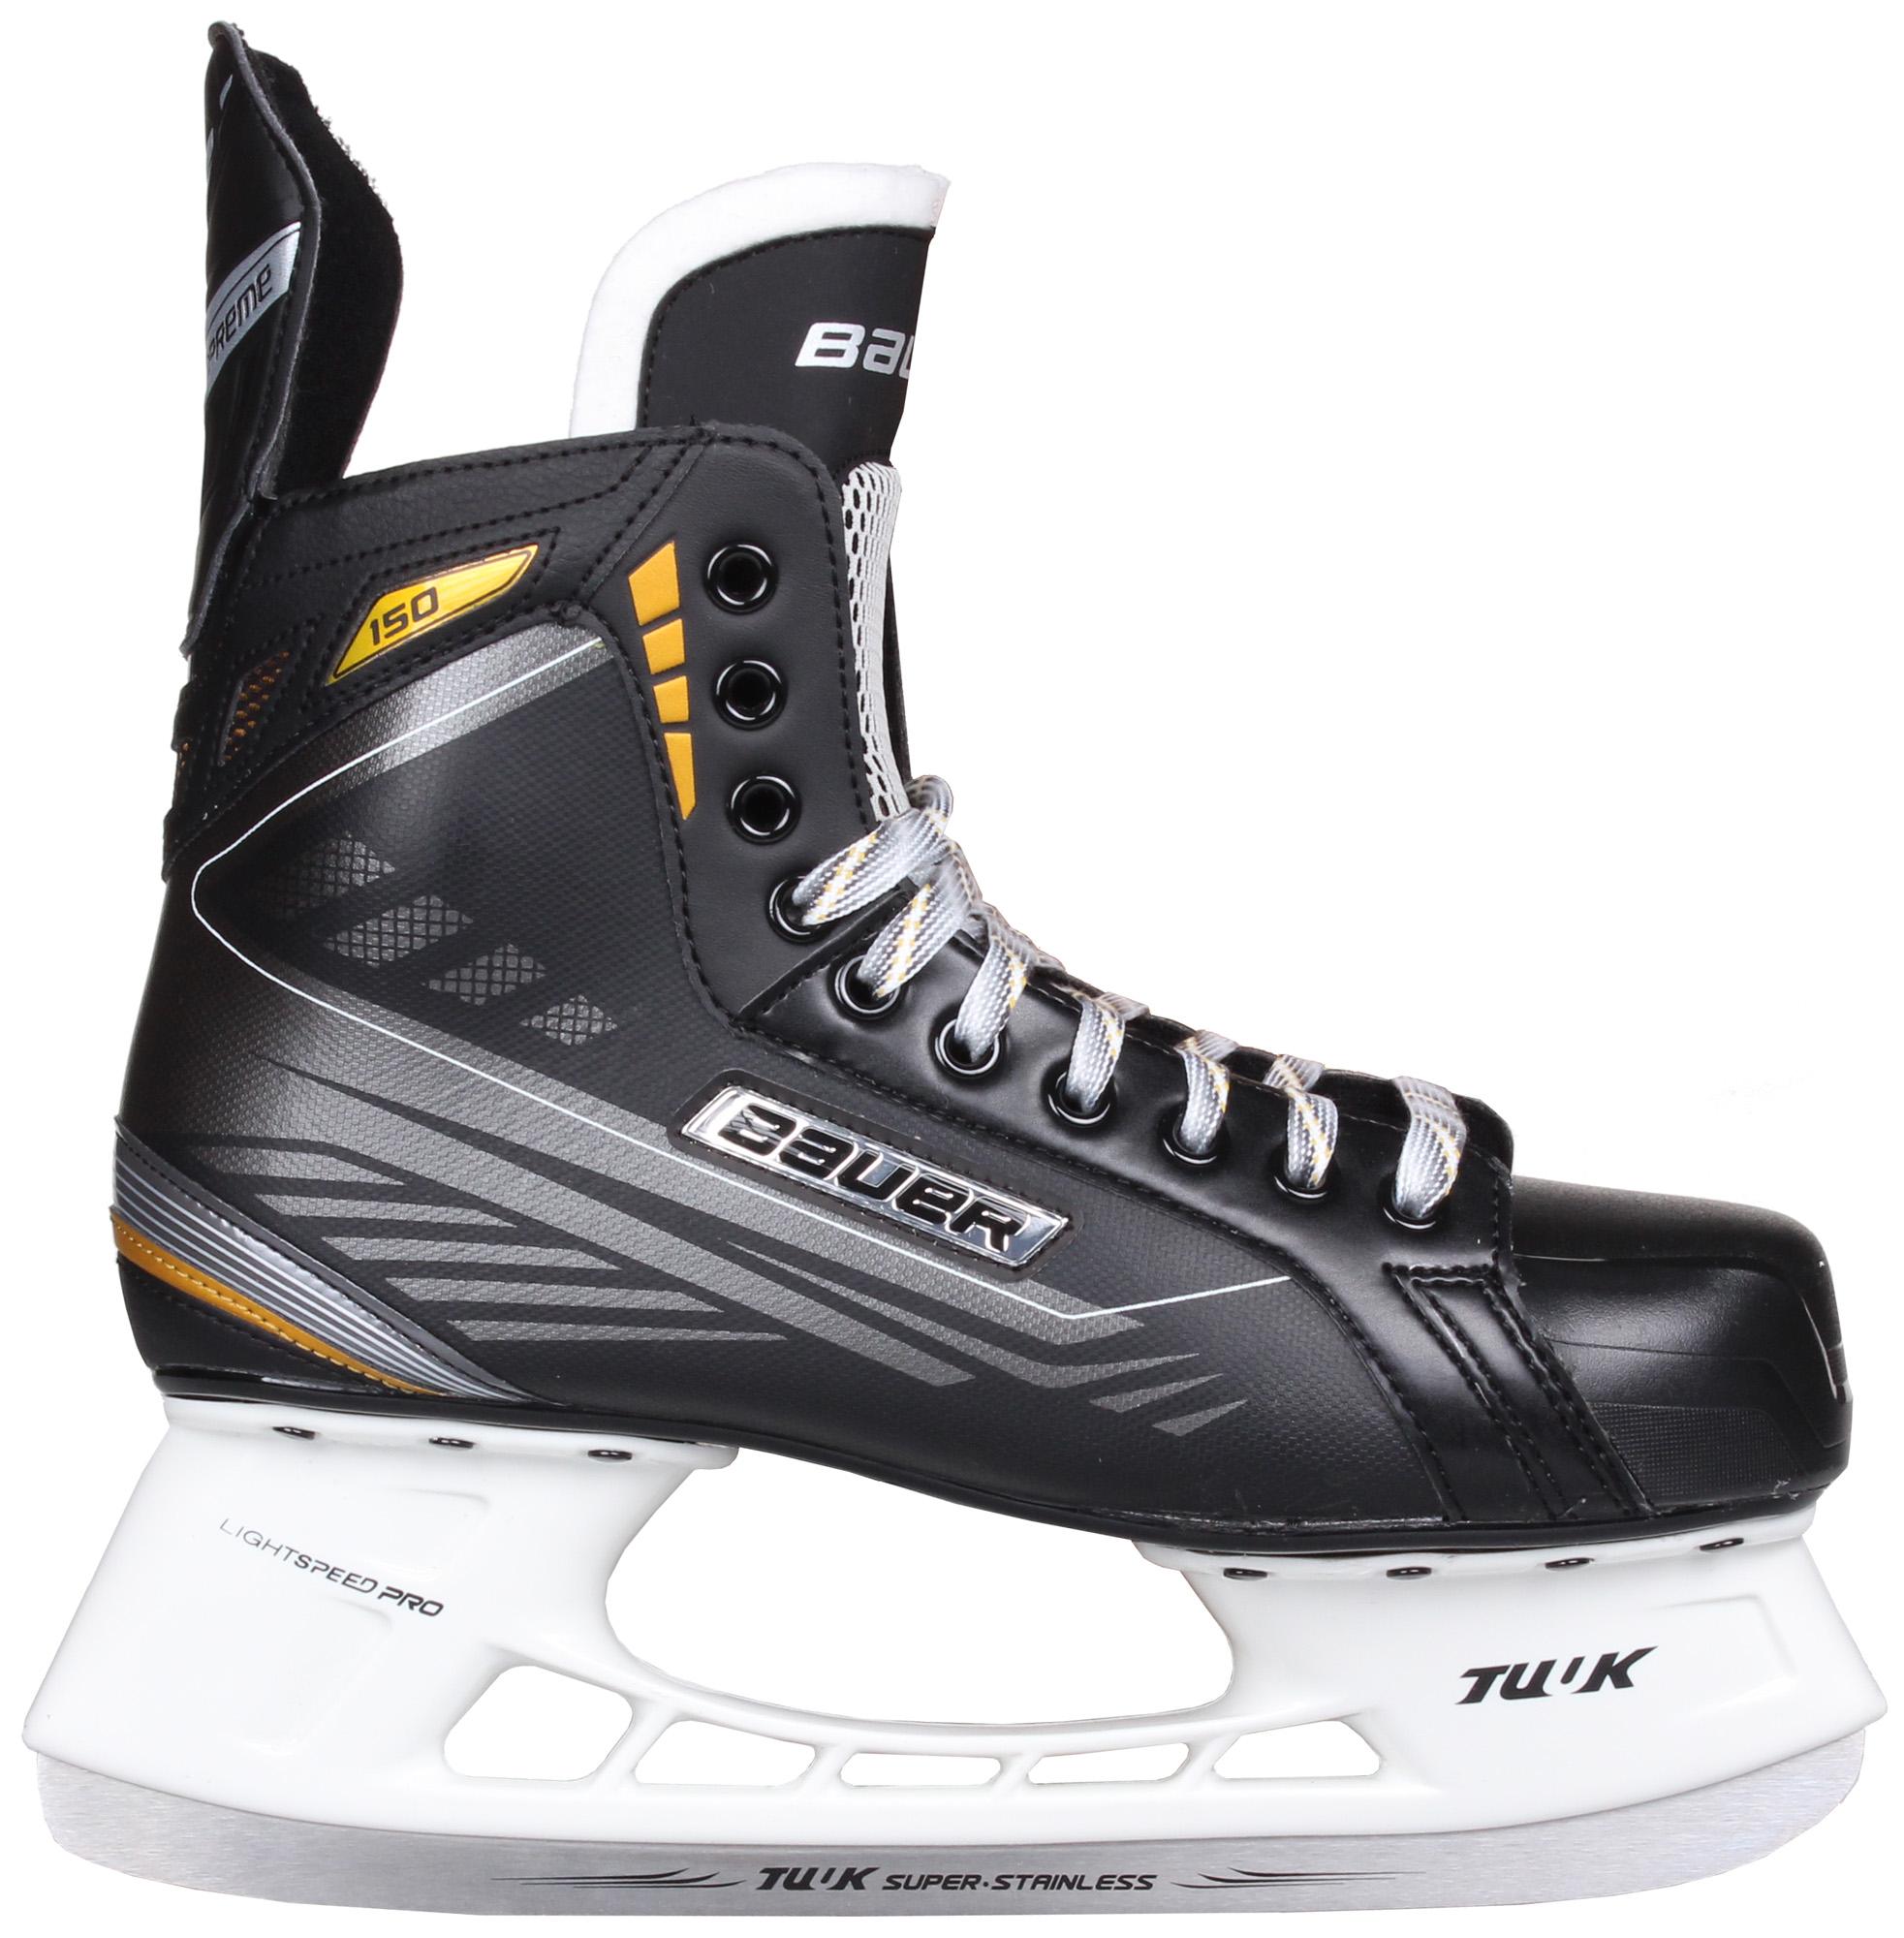 BAUER Supreme 150 D SR hokejové brusle